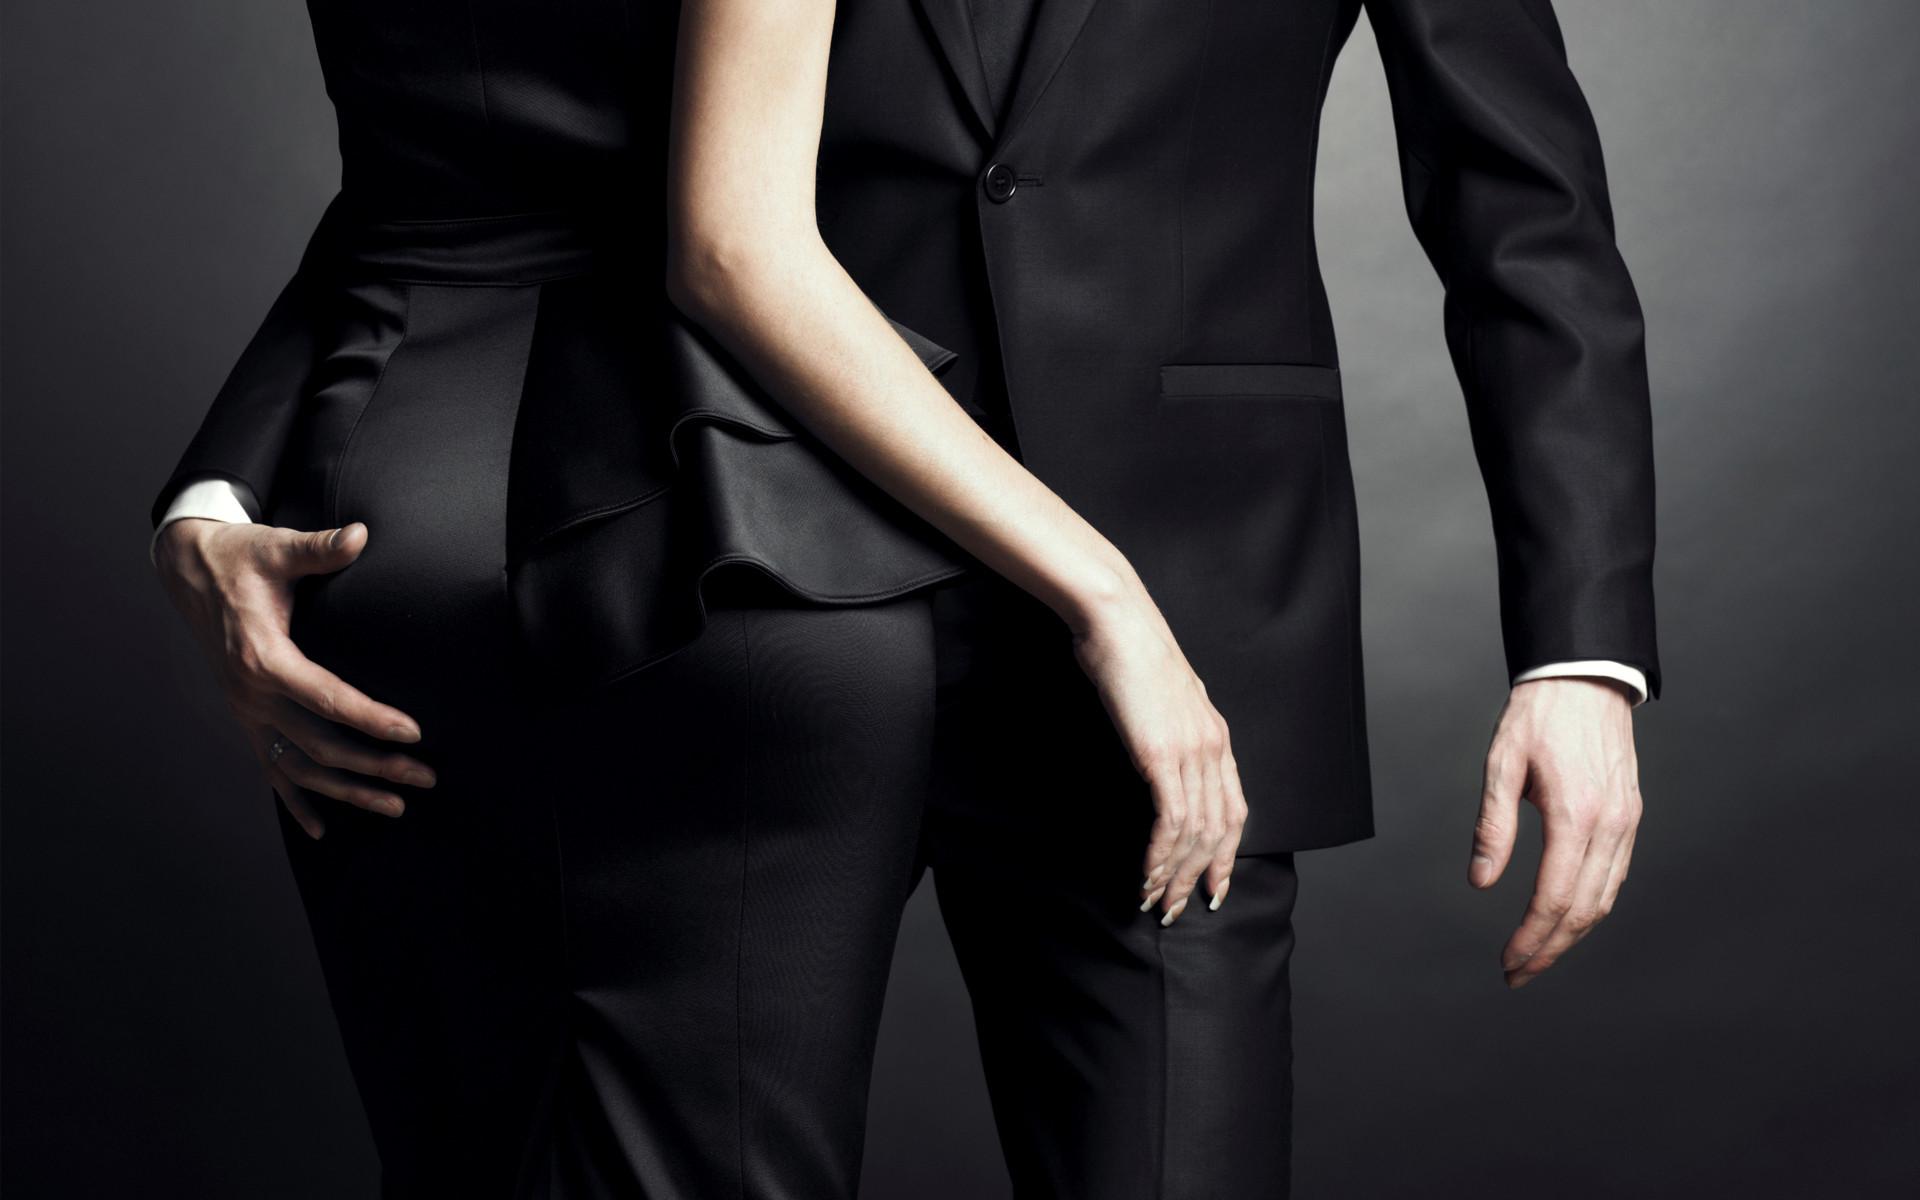 Suit Wallpapers, Top HD Suit Pics, #DX HD